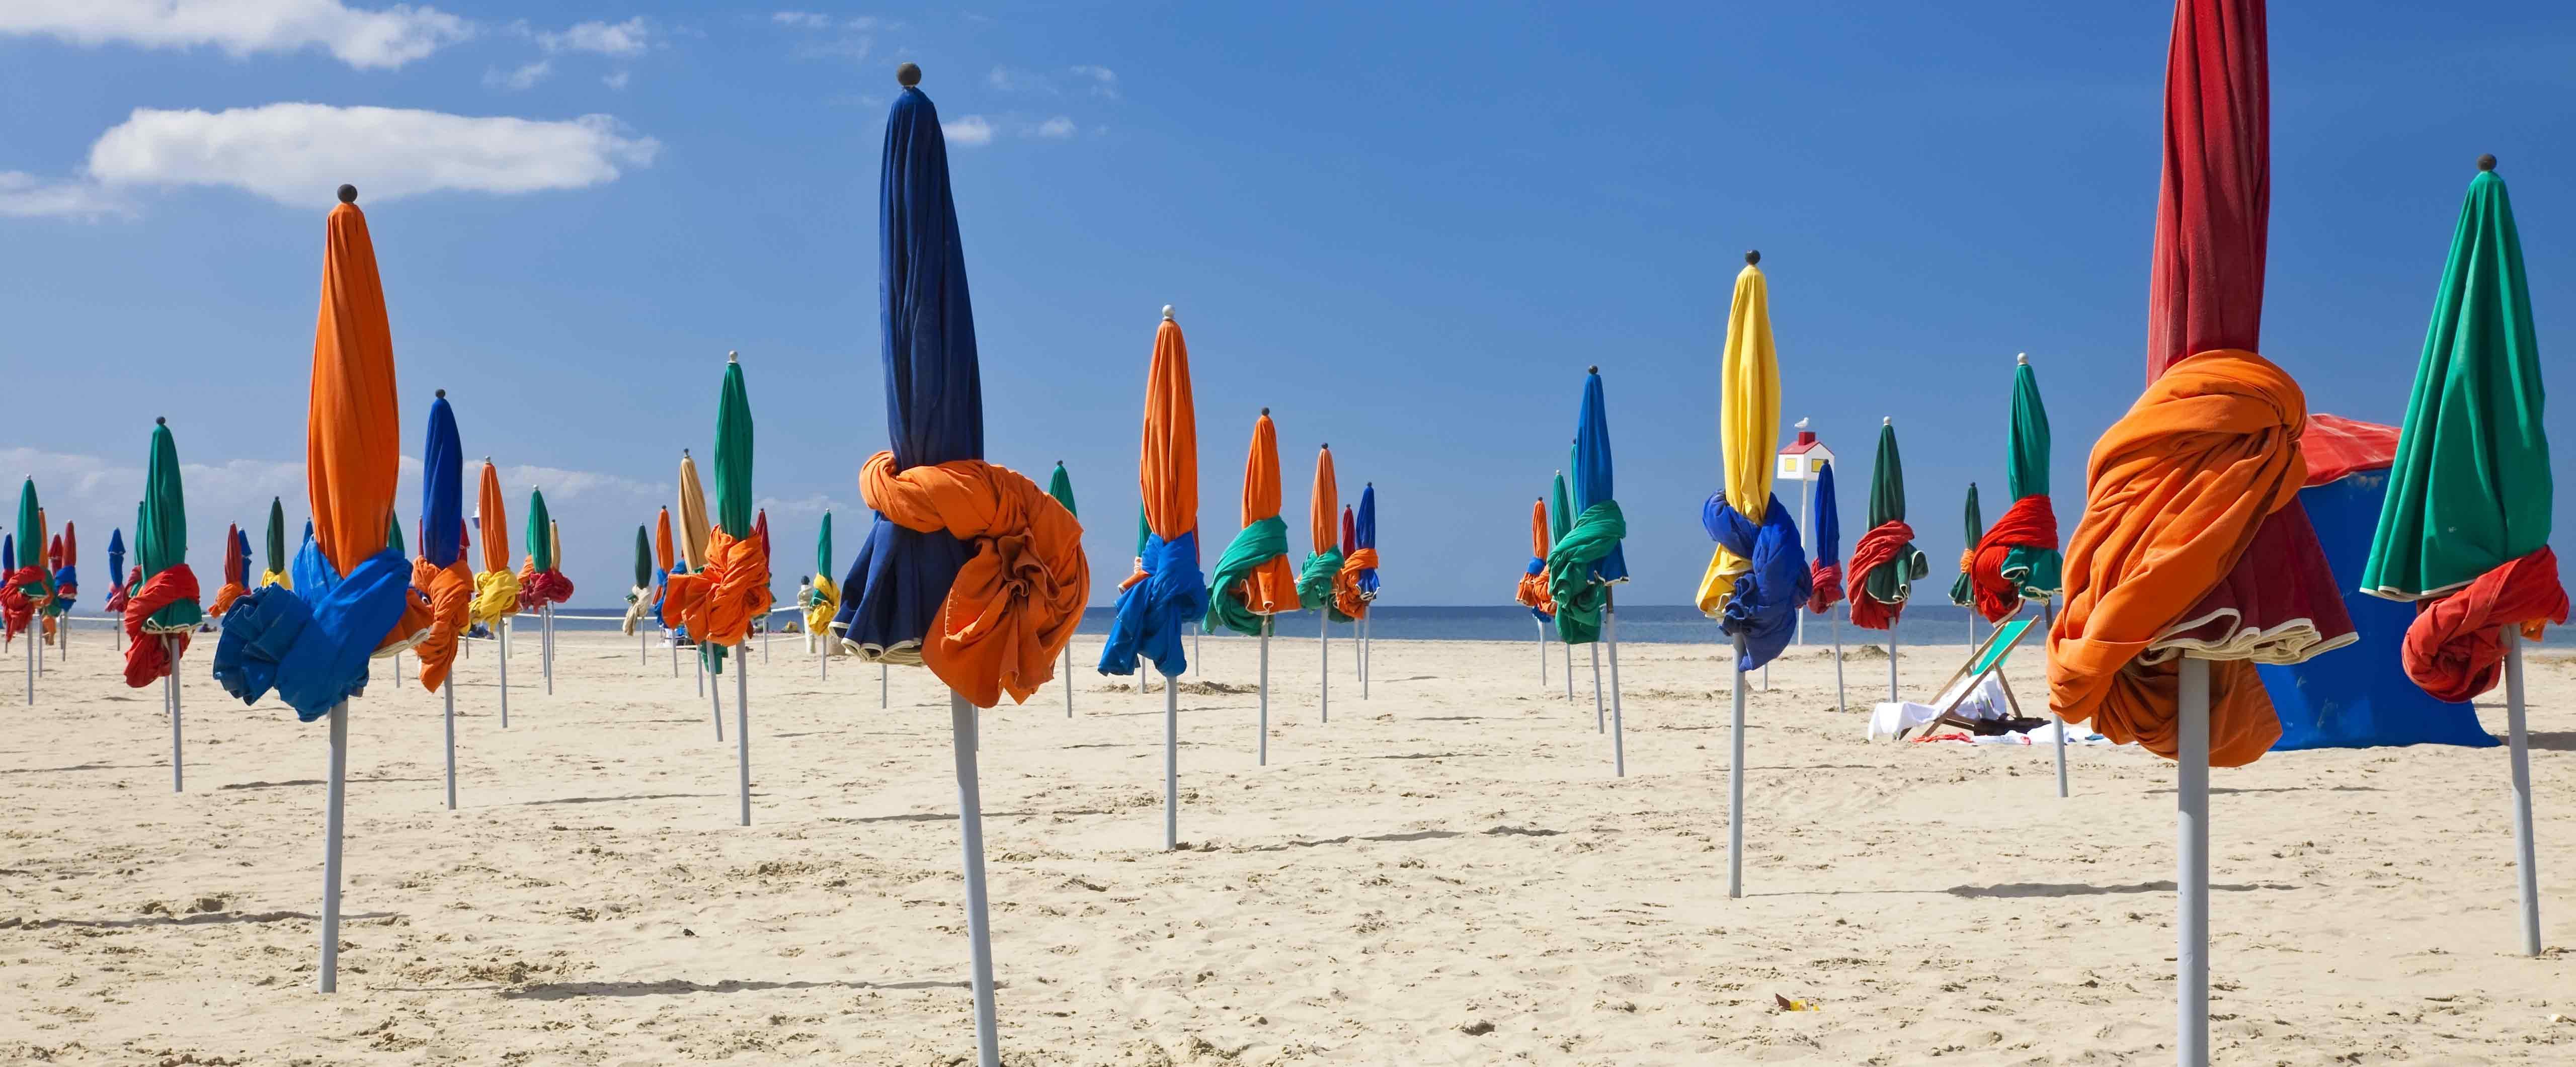 Découvrez nos séjours de luxe en vente privée - Deauville. VeryChic vous propose des voyages jusqu'à -70% dans les plus beaux hôtels du monde - Deauville